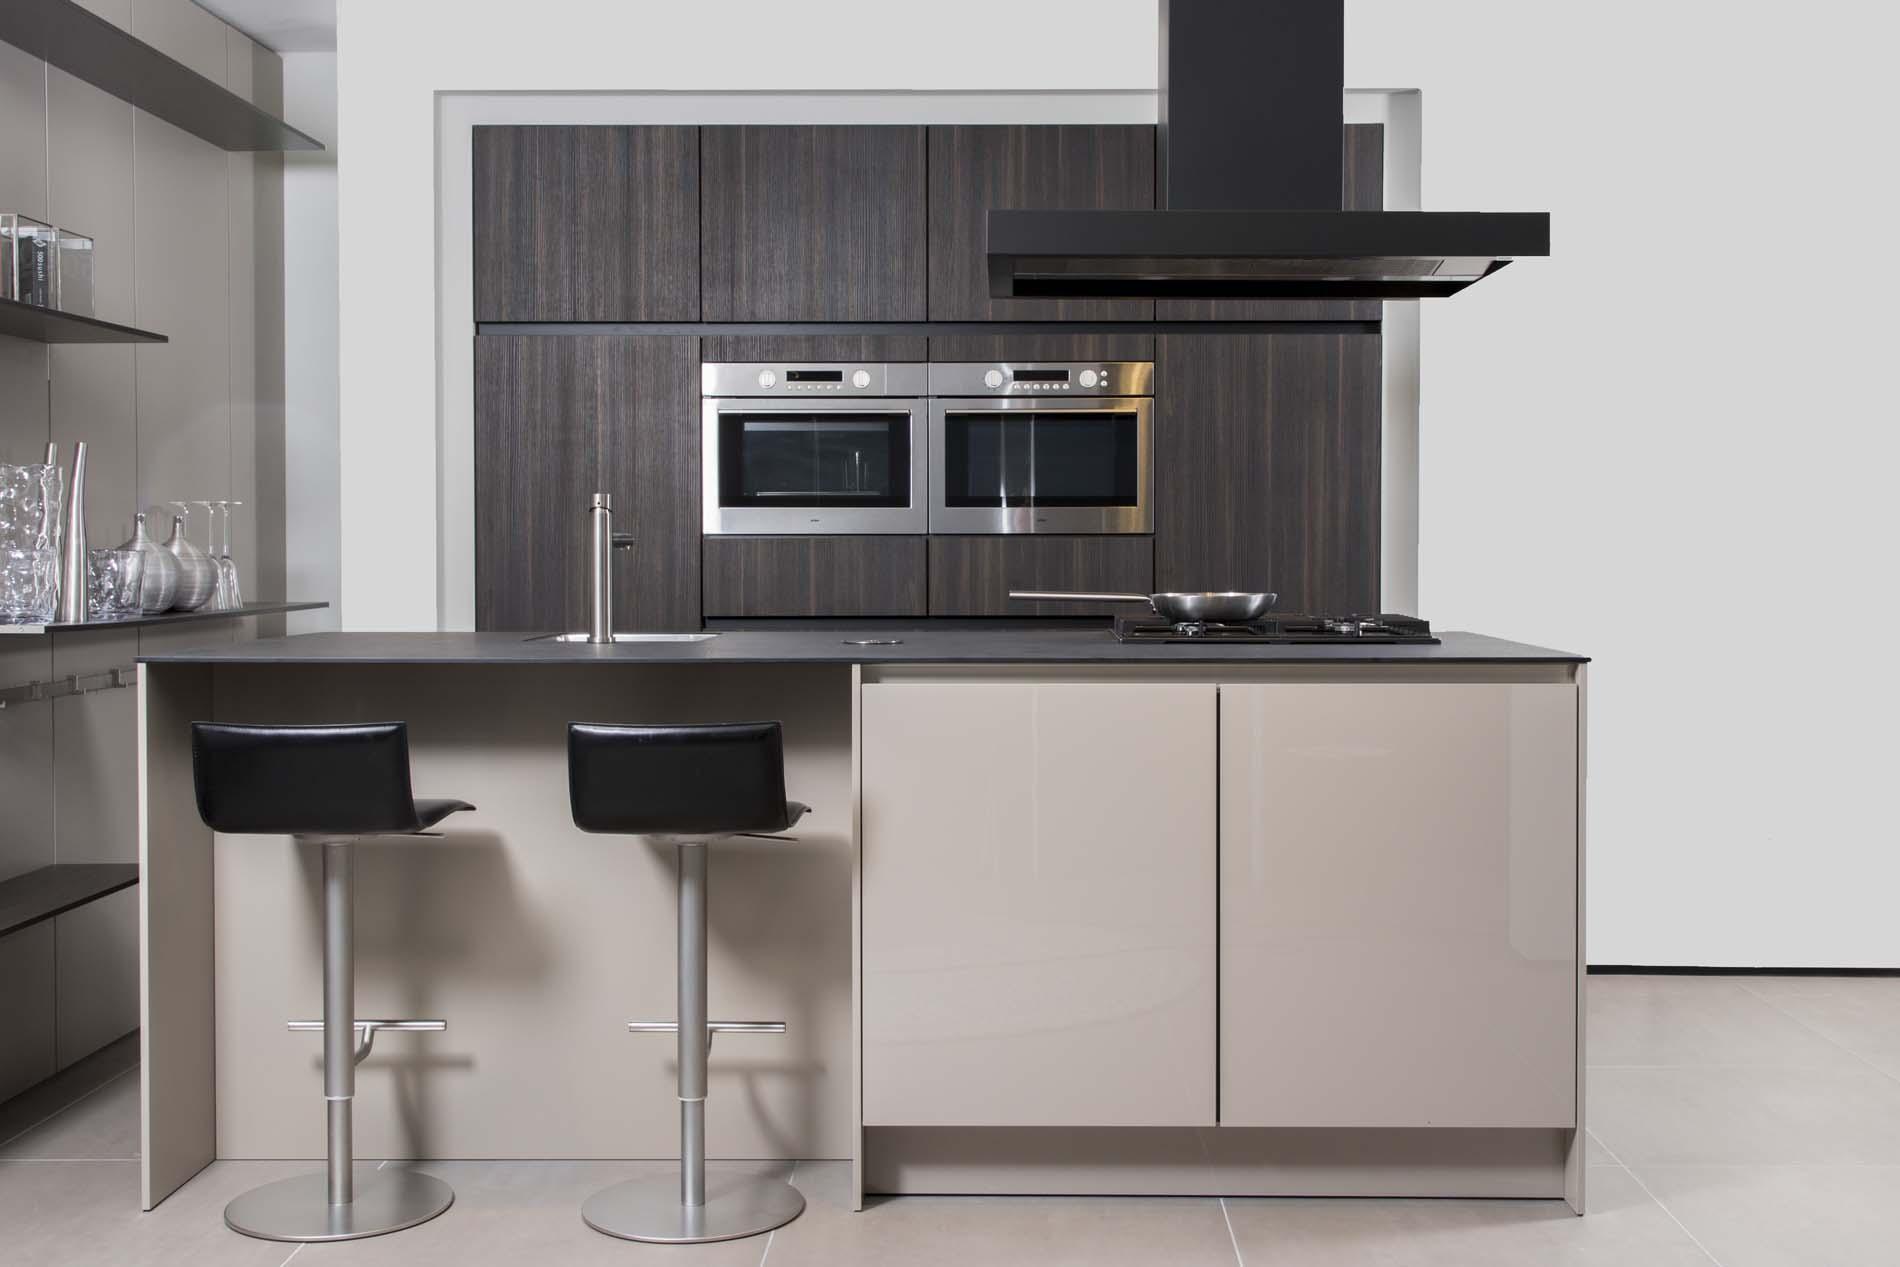 SieMtic keuken - Keuken met kookeiland, ASWA Keukens